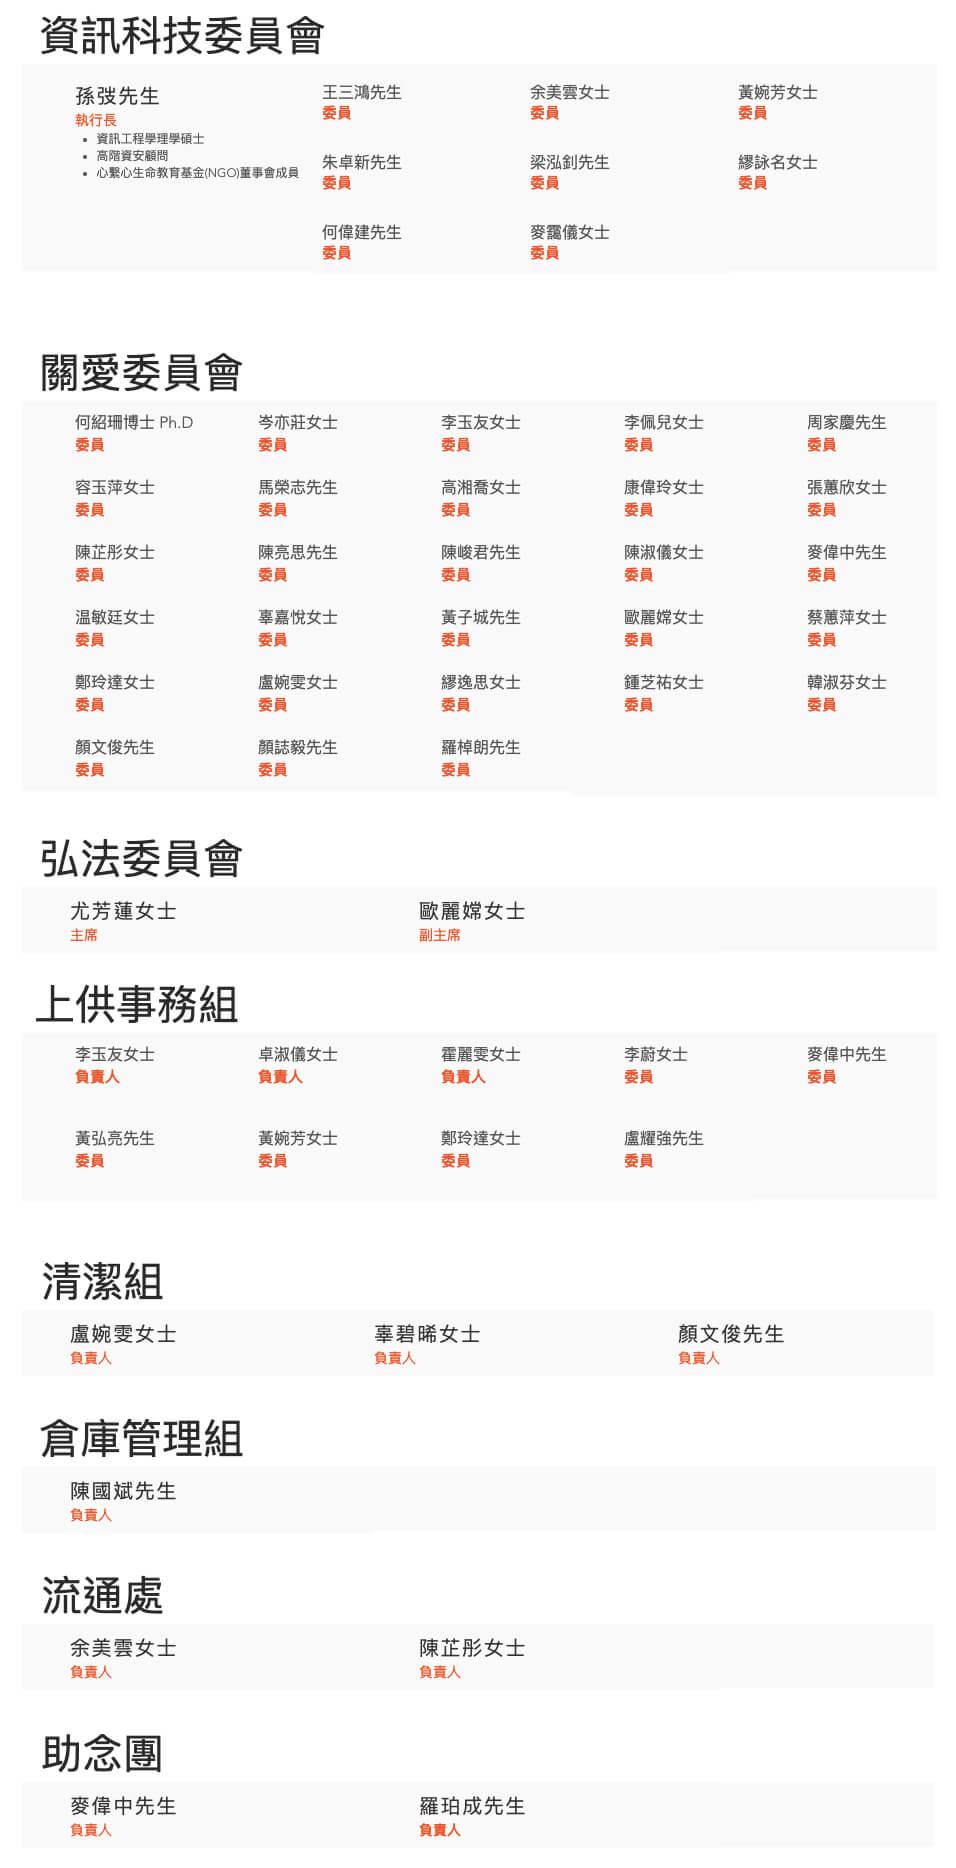 Org_Chart_Part2d